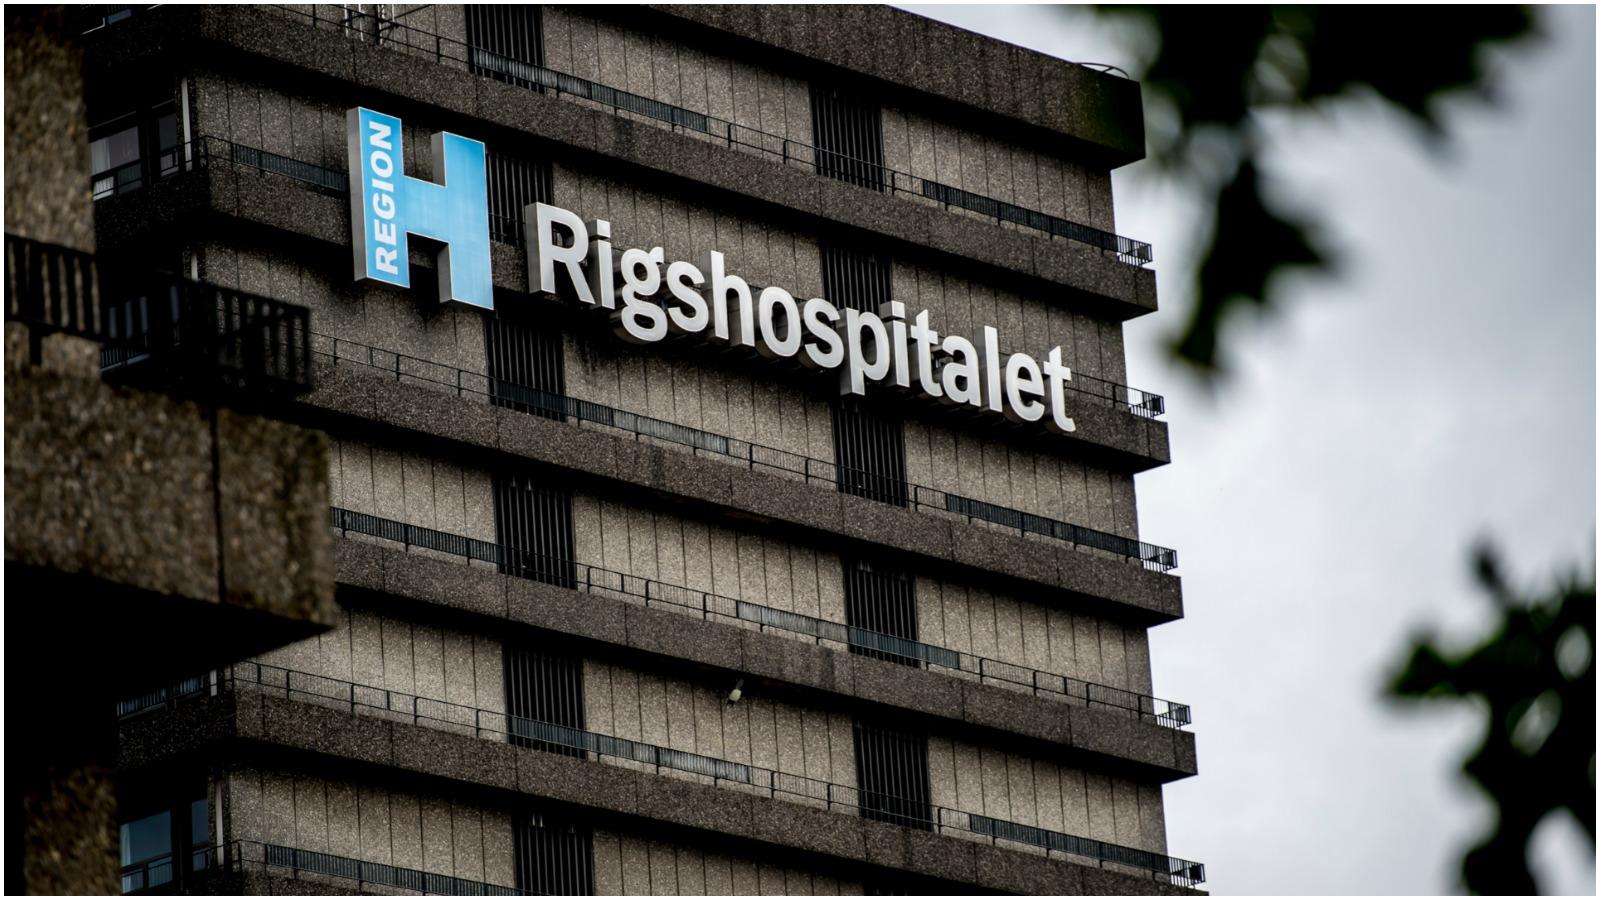 Sundhedsøkonom Kjeld Møller Pedersen: Det er en romantisering af fortiden at genoprette nedlagte sygehuse. Det vil ikke skabe større nærhed